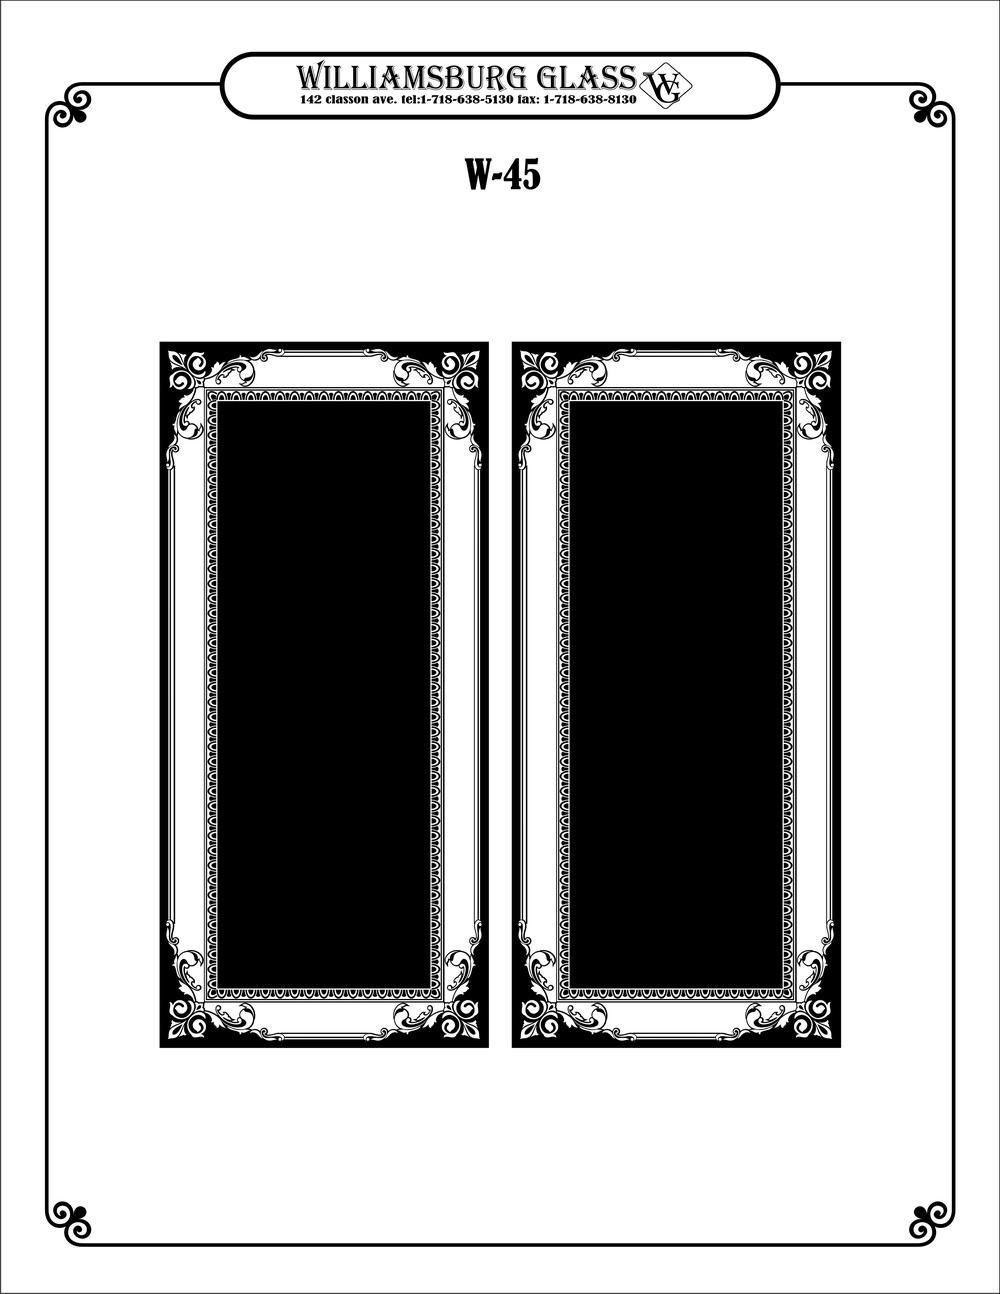 WG-45.jpg